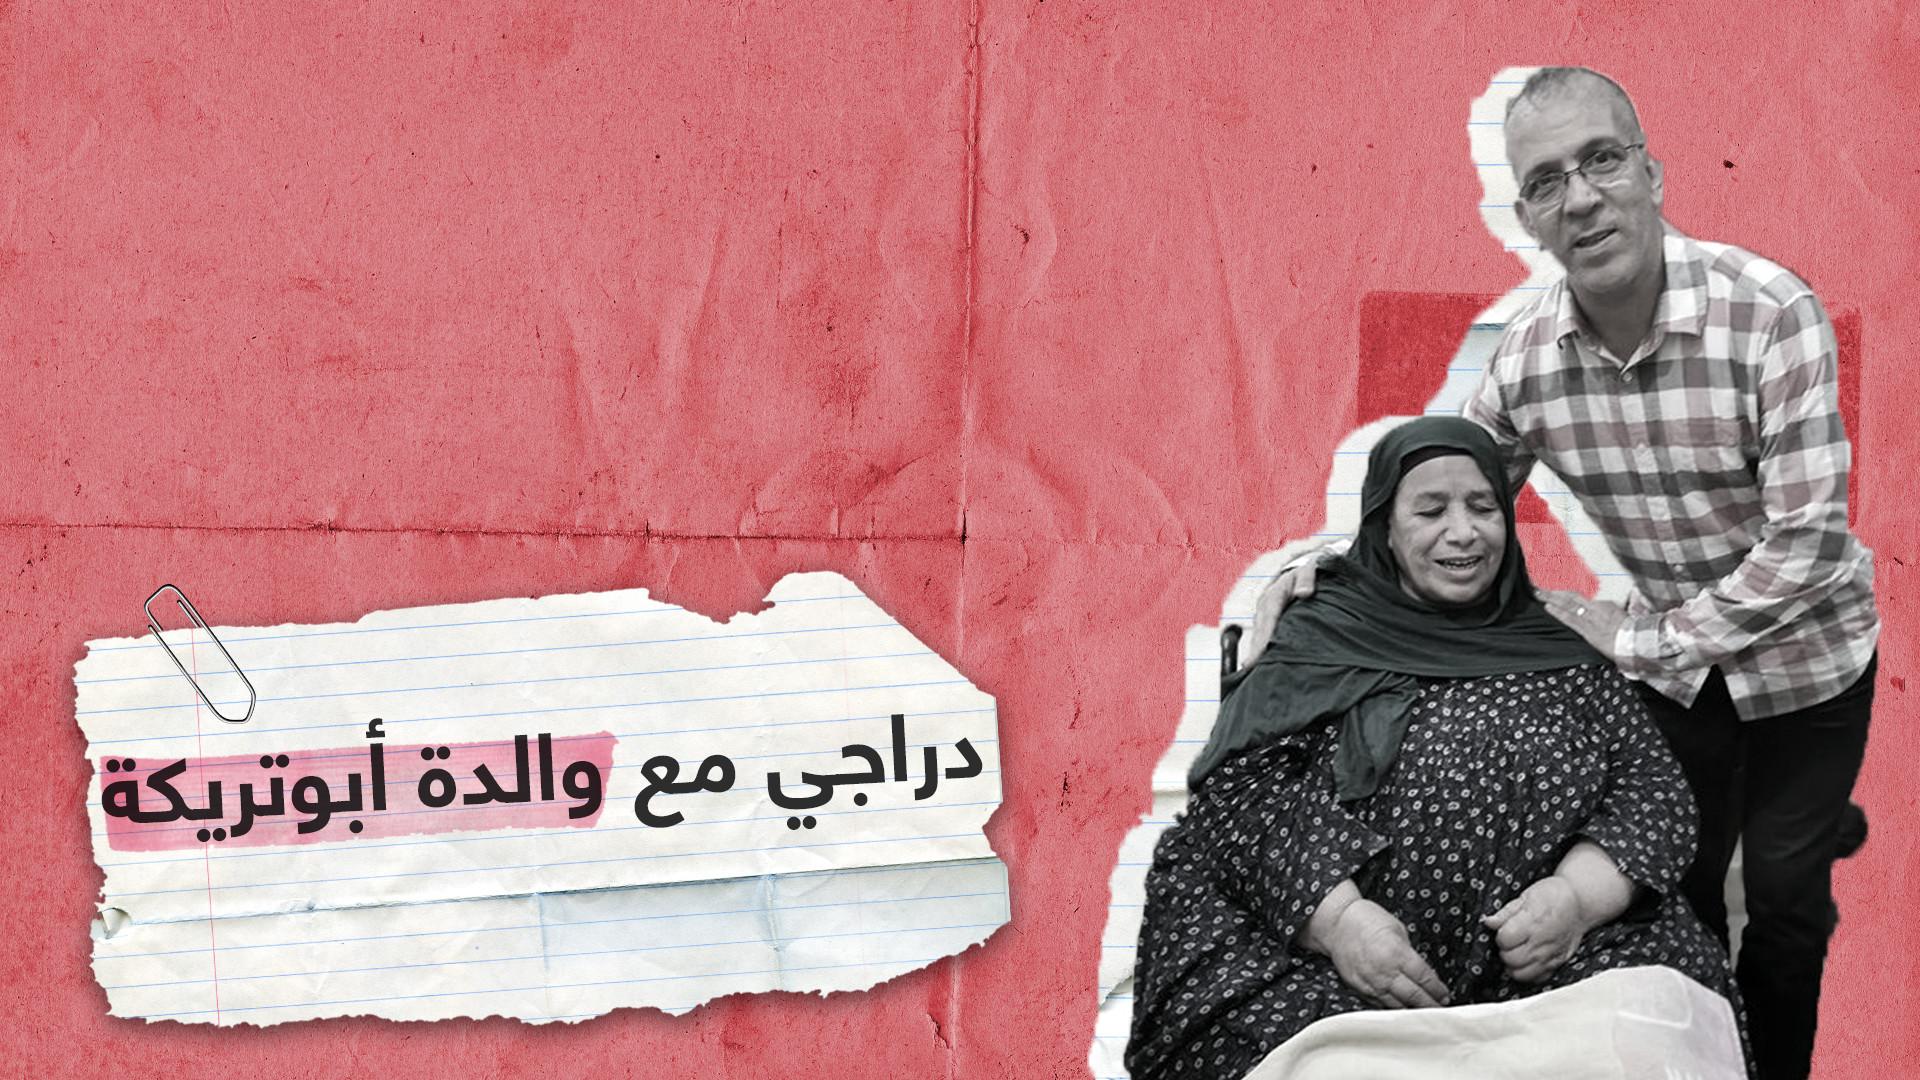 حفيظ دراجي يُلبي دعوة والدة لاعب منتخب مصر السابق محمد أبو تريكة!